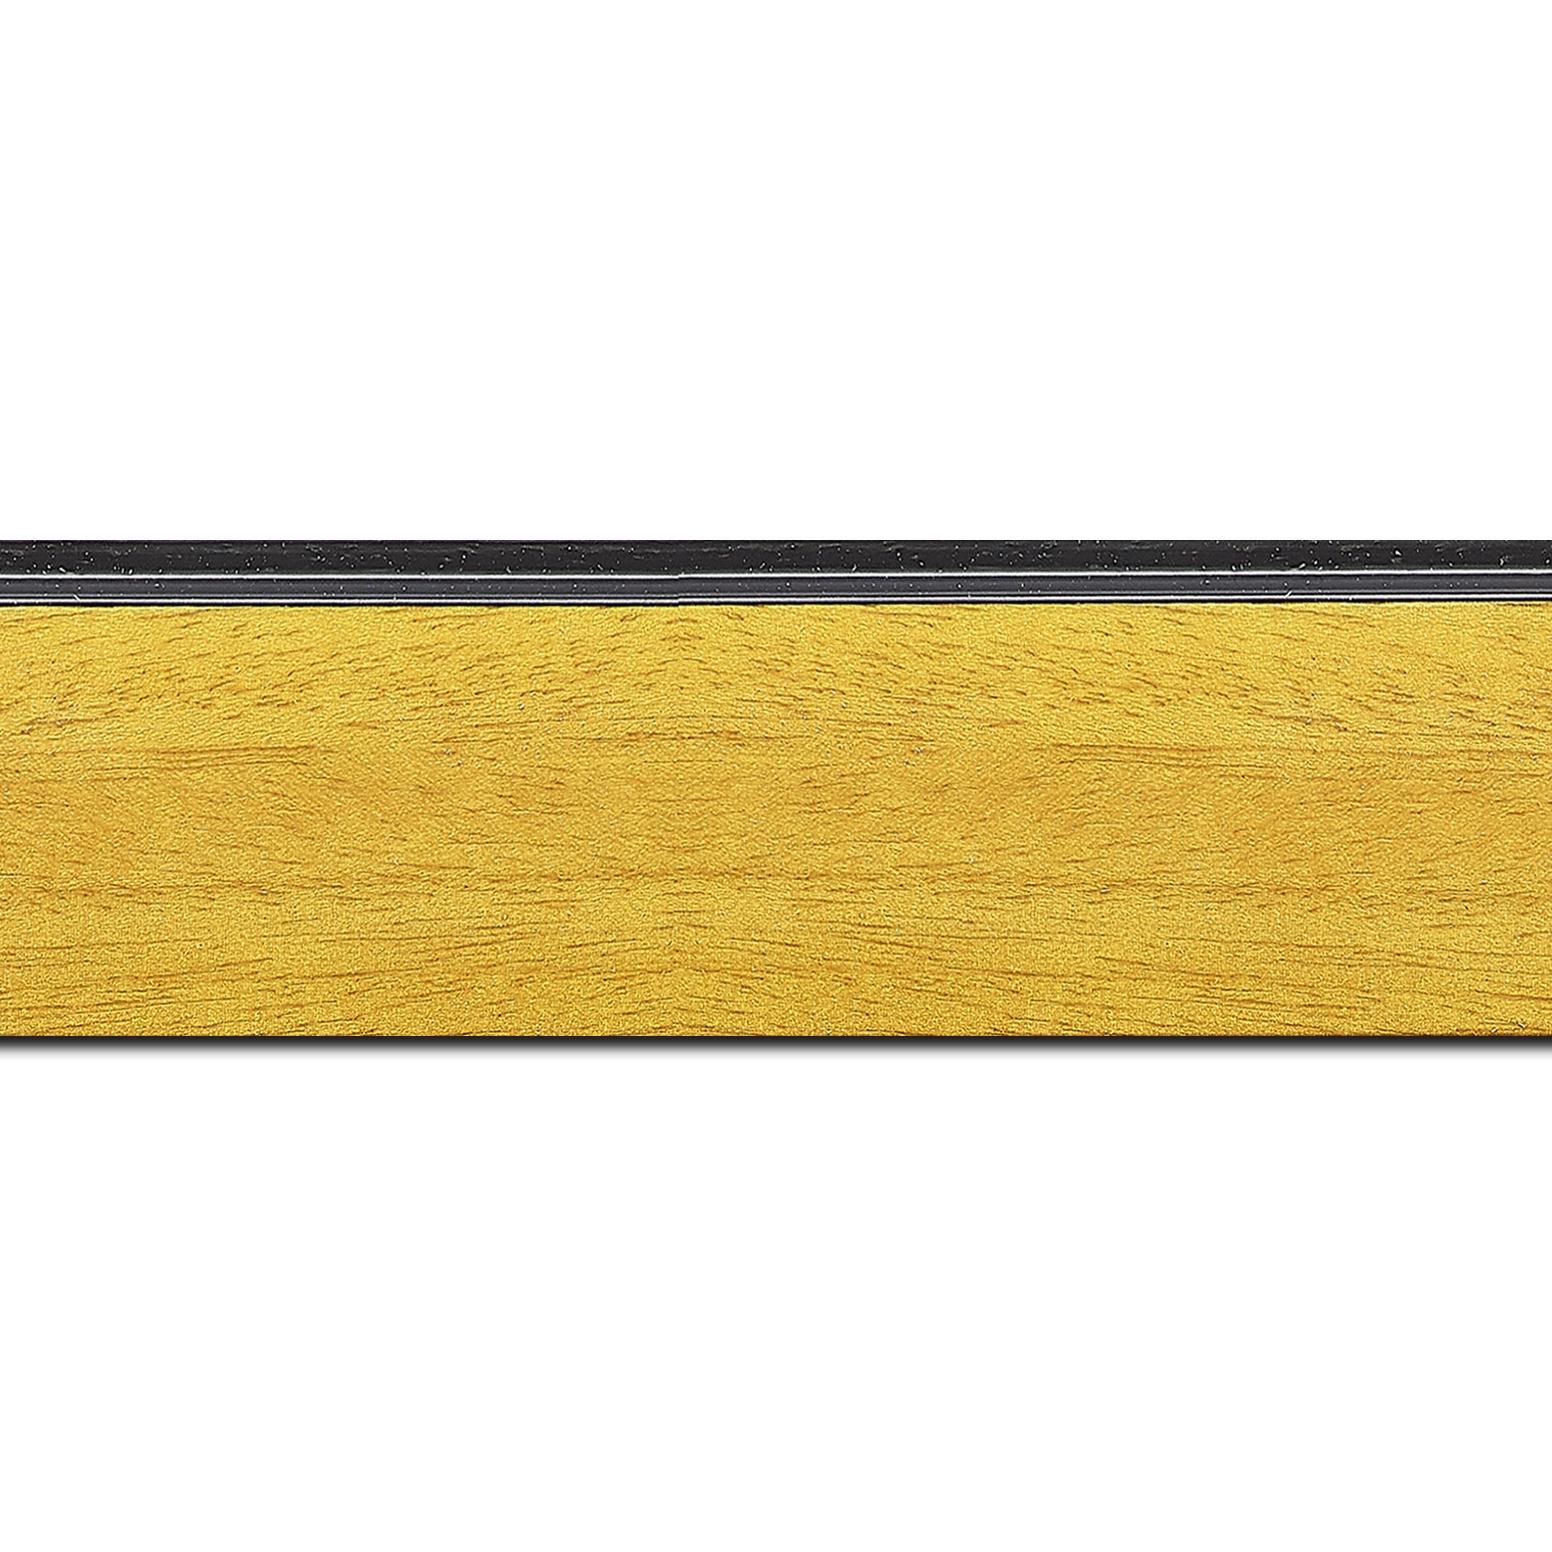 Pack par 12m, bois profil en pente méplat largeur 4.8cm couleur jaune tournesol satiné surligné par une gorge extérieure noire : originalité et élégance assurée (longueur baguette pouvant varier entre 2.40m et 3m selon arrivage des bois)